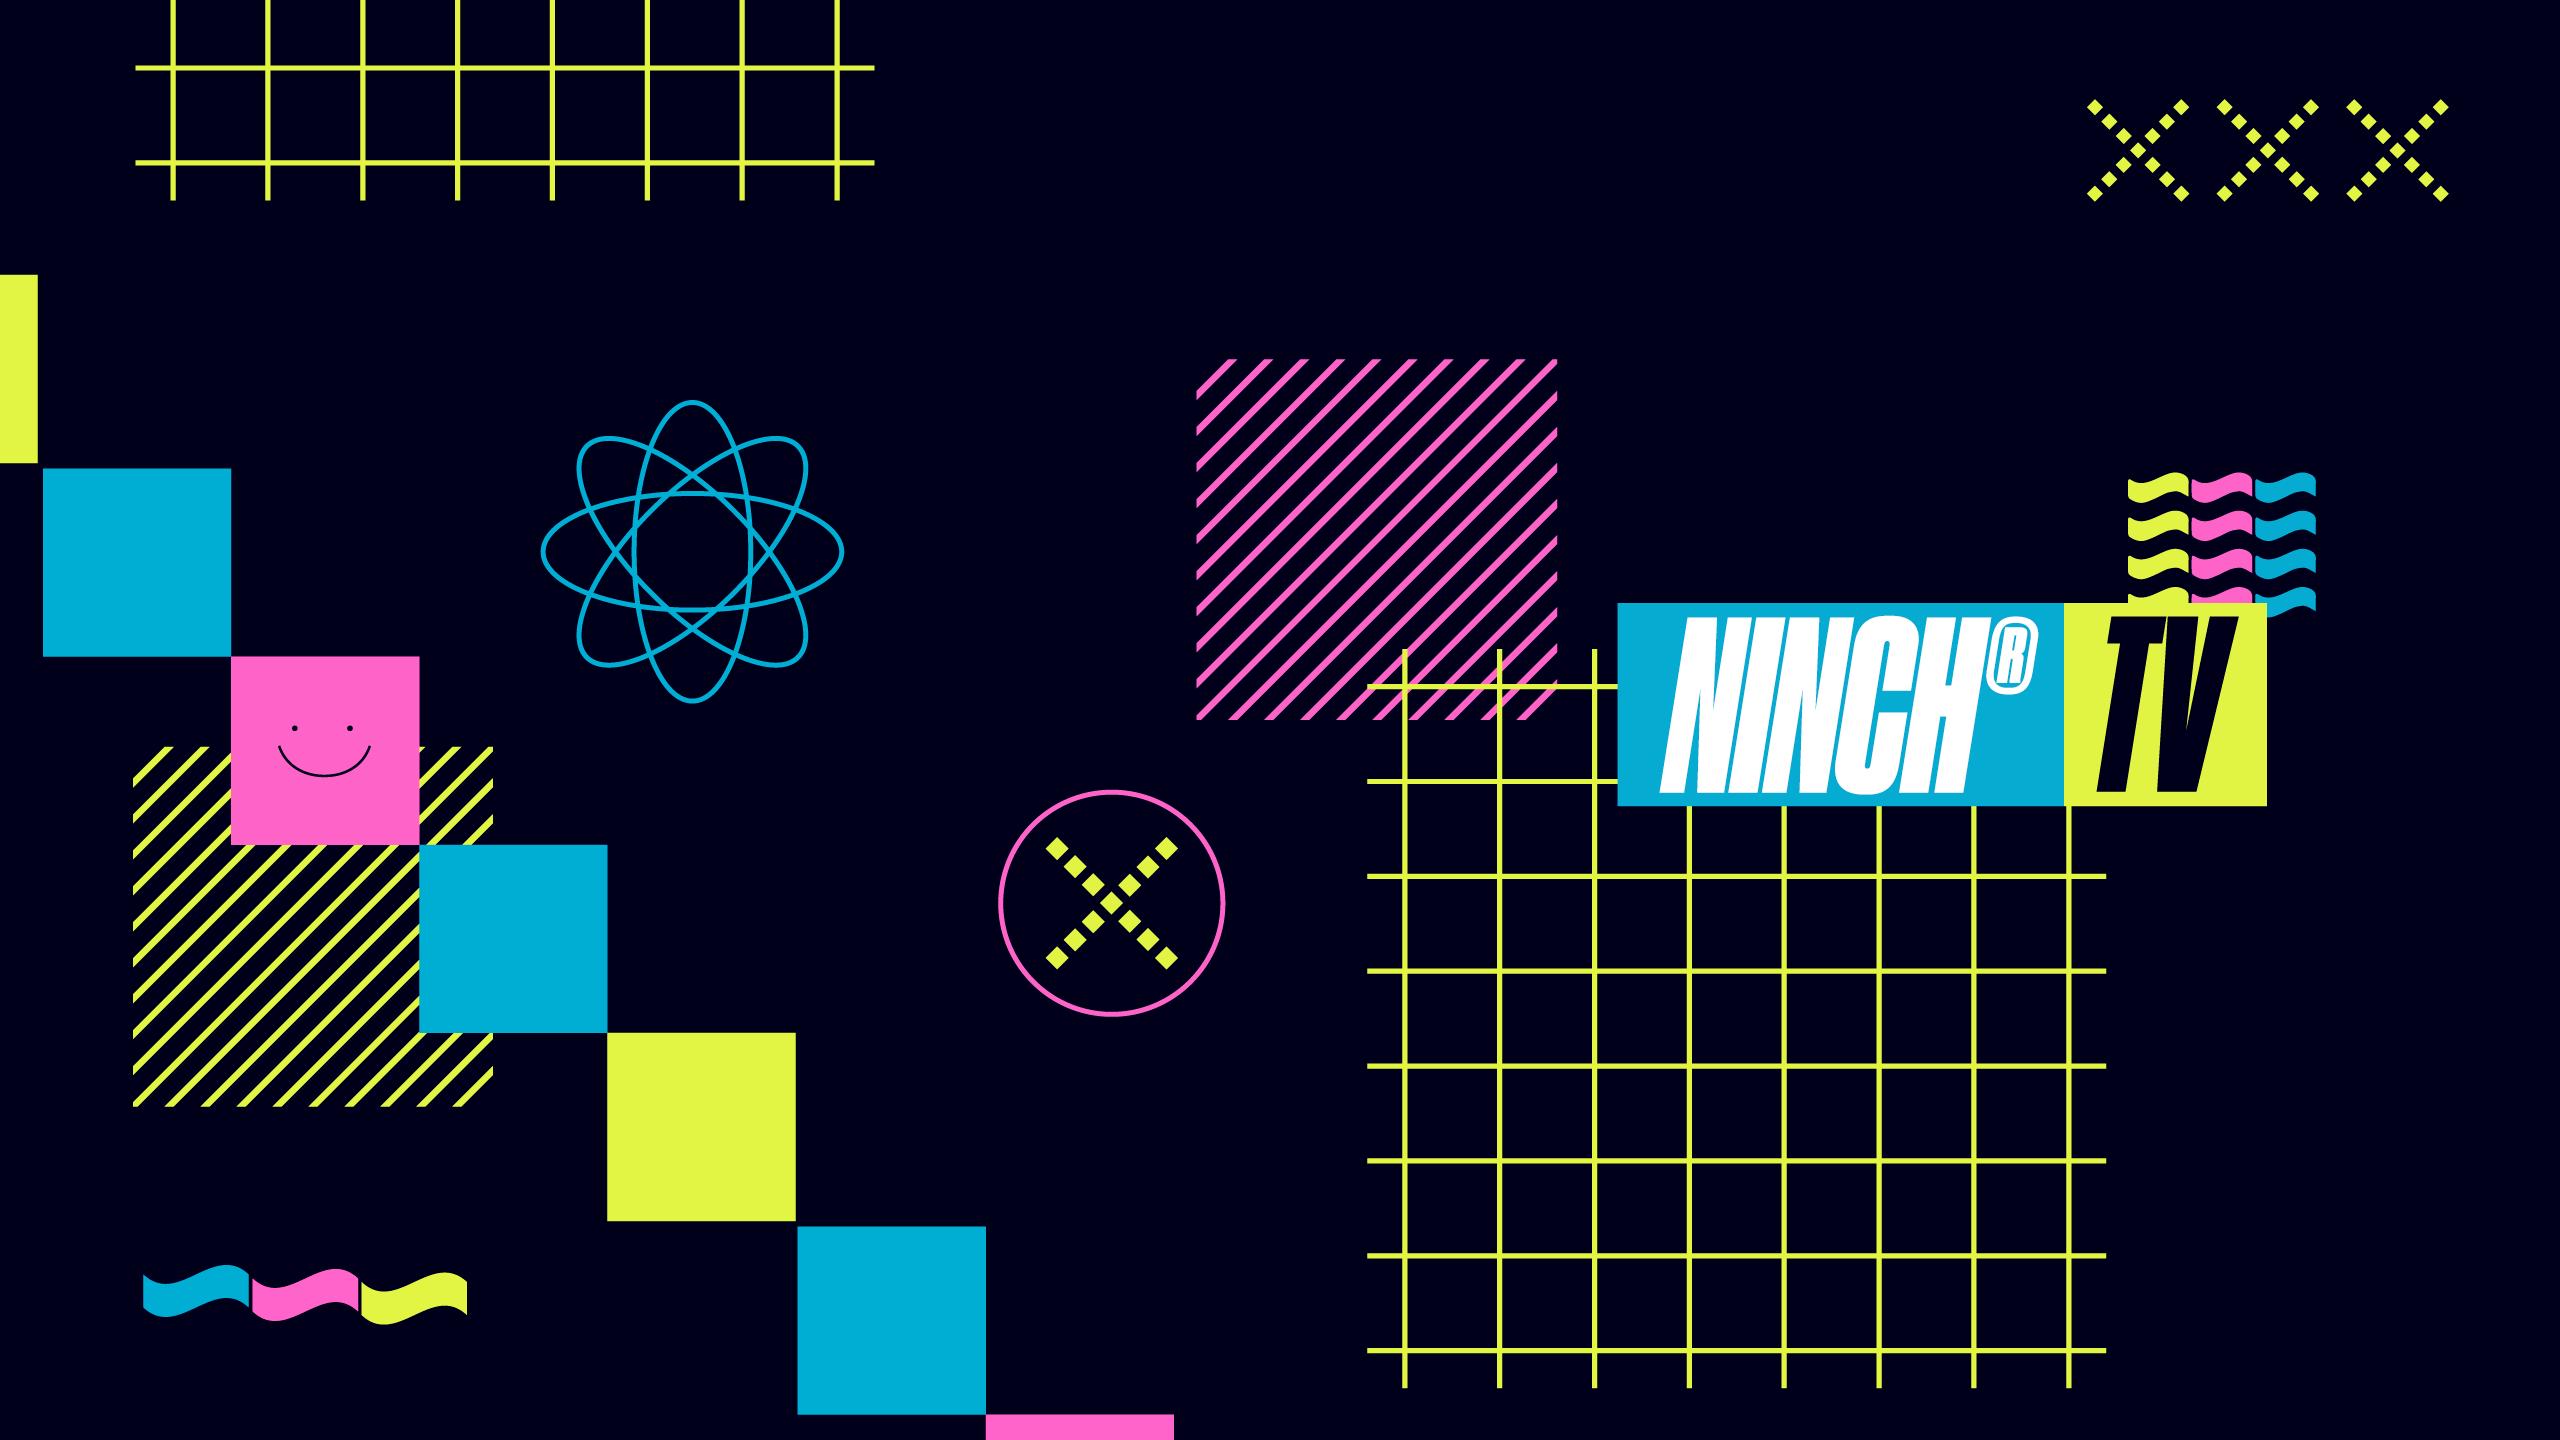 NINCH®TV y la explosión de los nuevos formatos